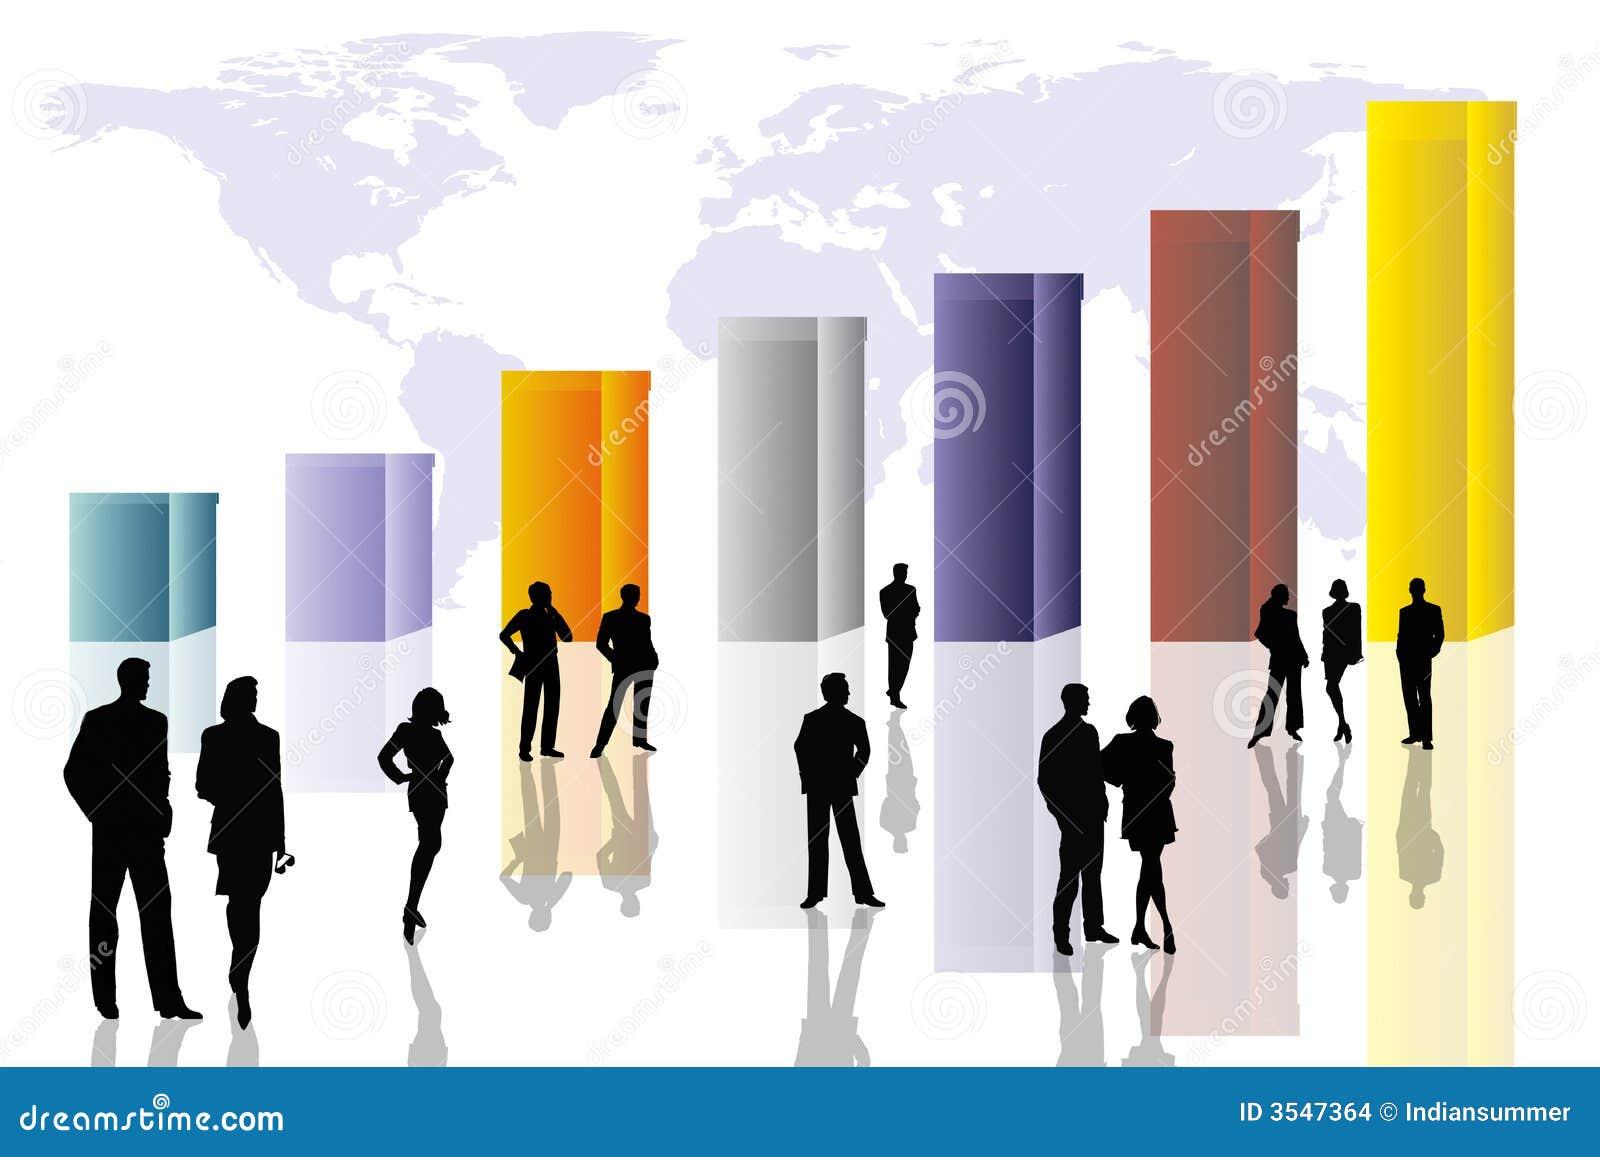 Conceptual business scene